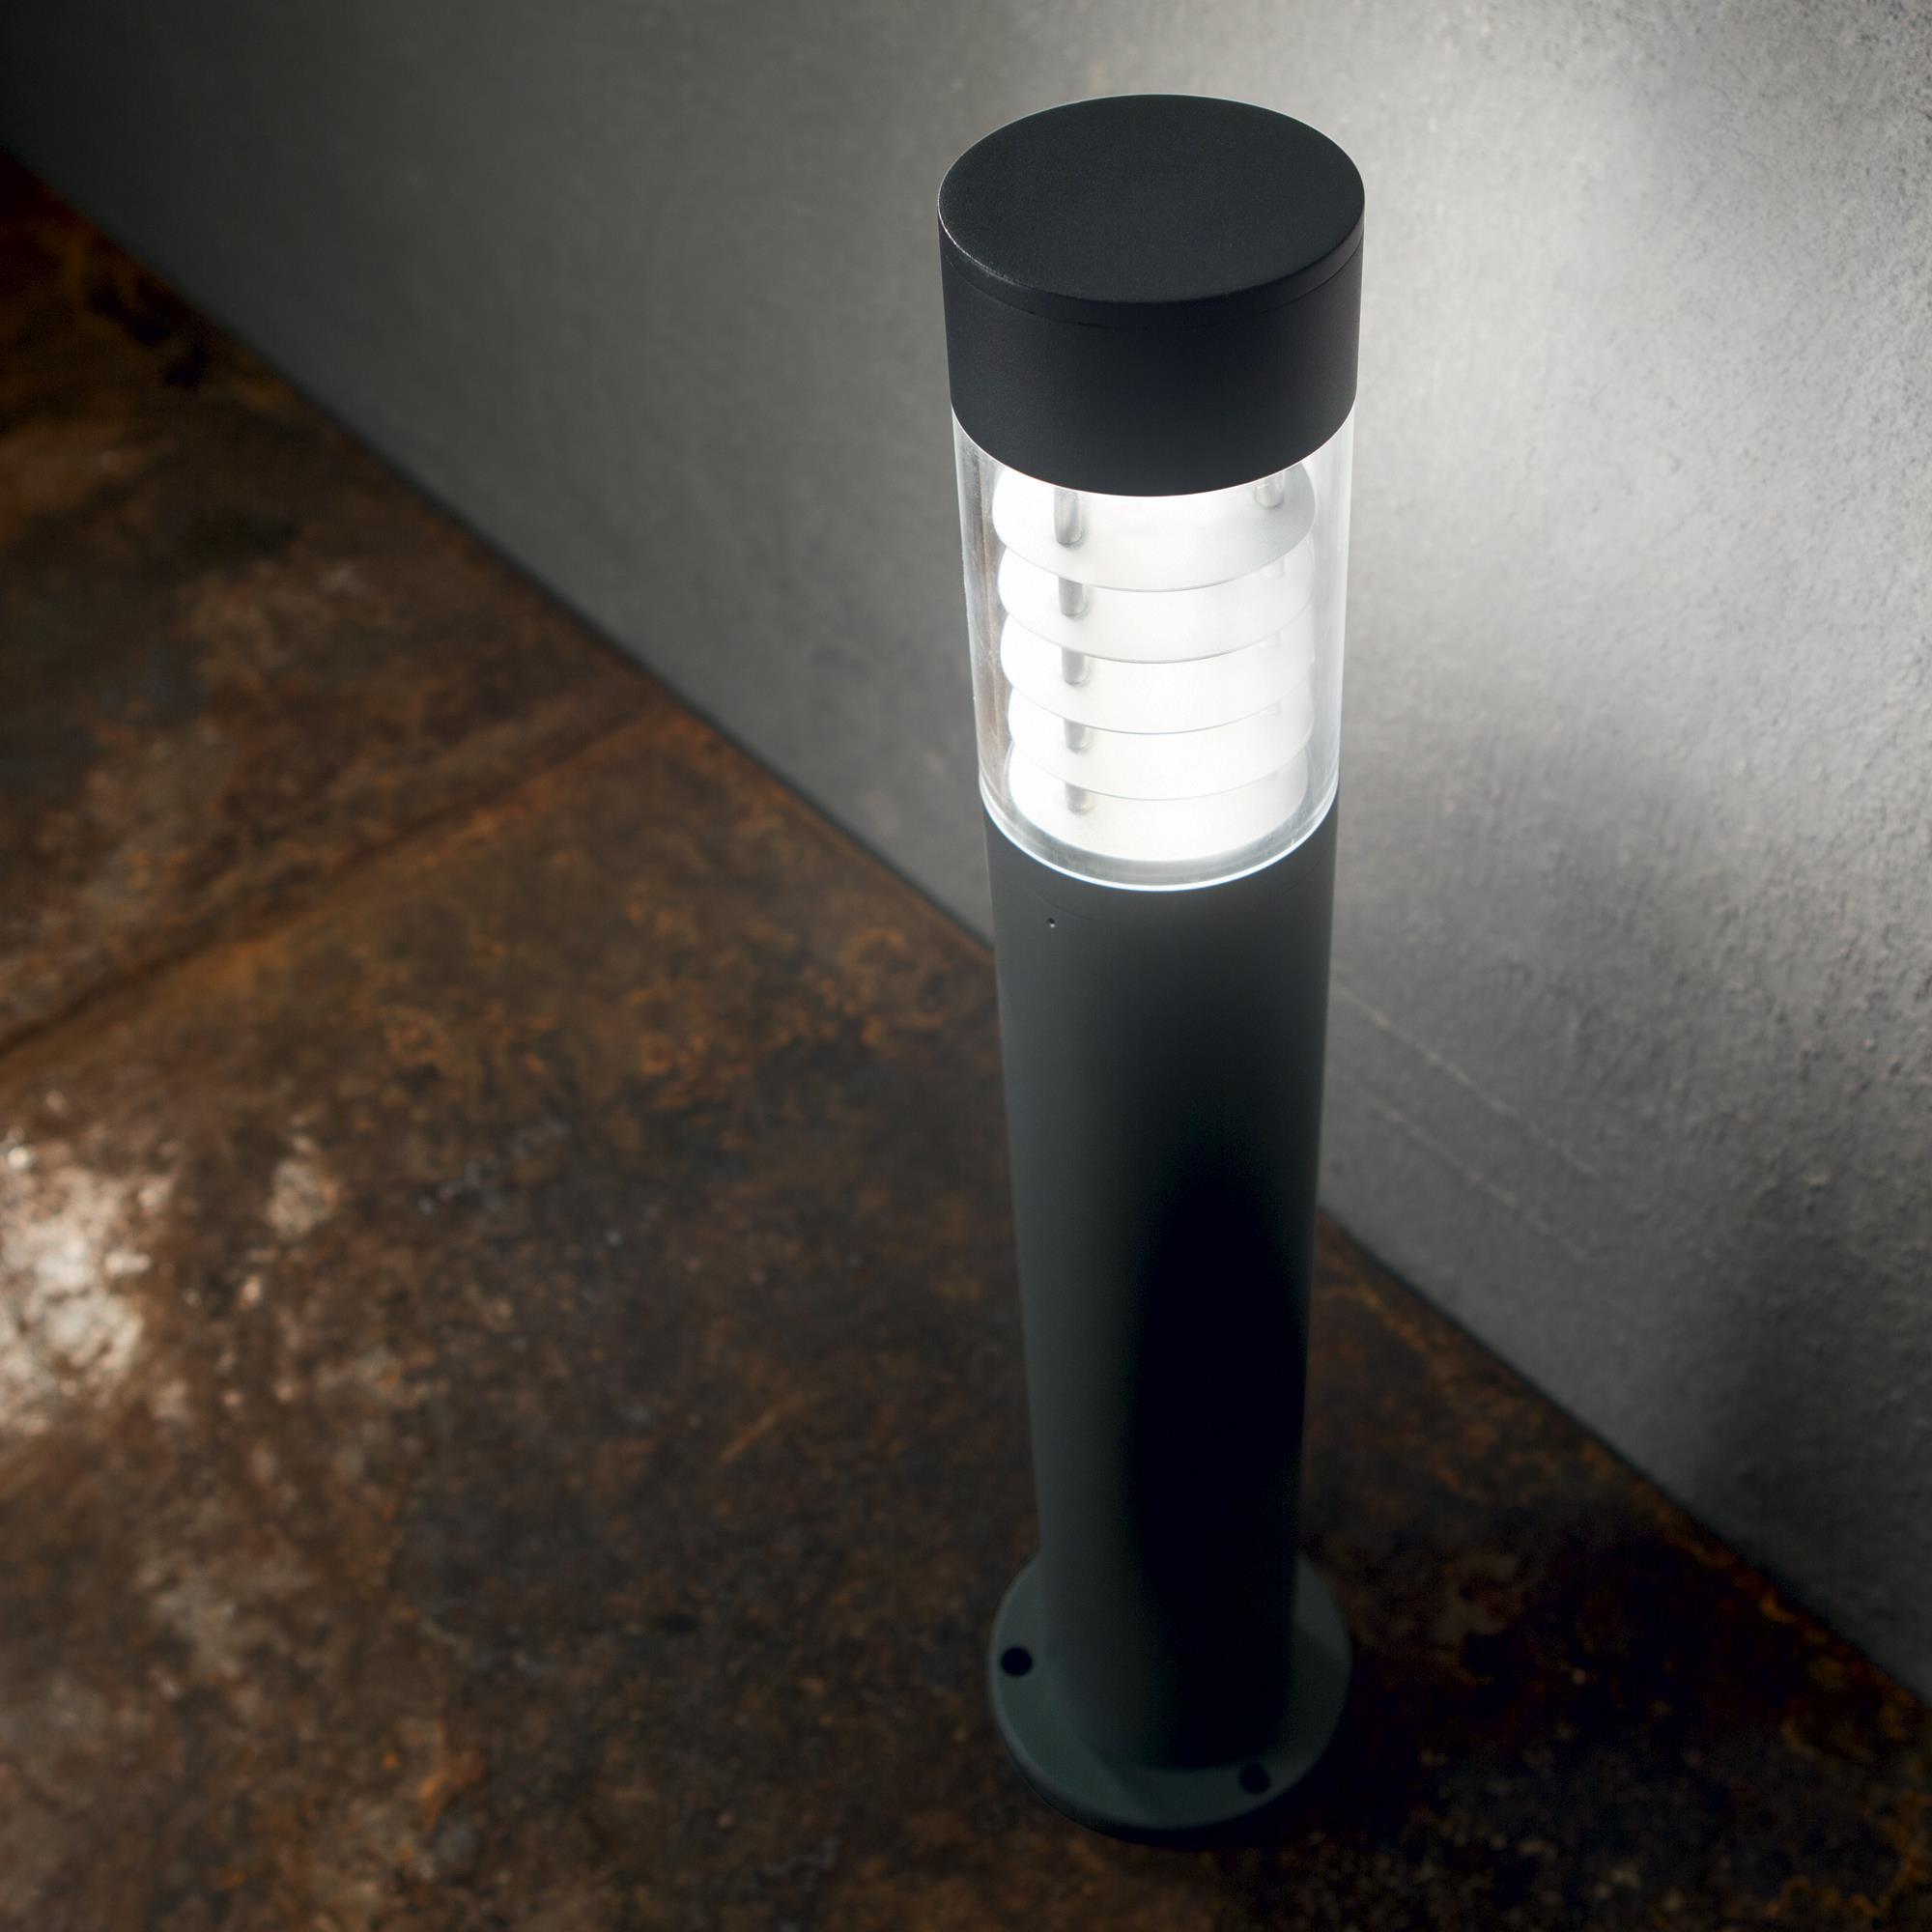 Ideal Lux 248240 DEMA PT1 H40 NERO kültéri állólámpa